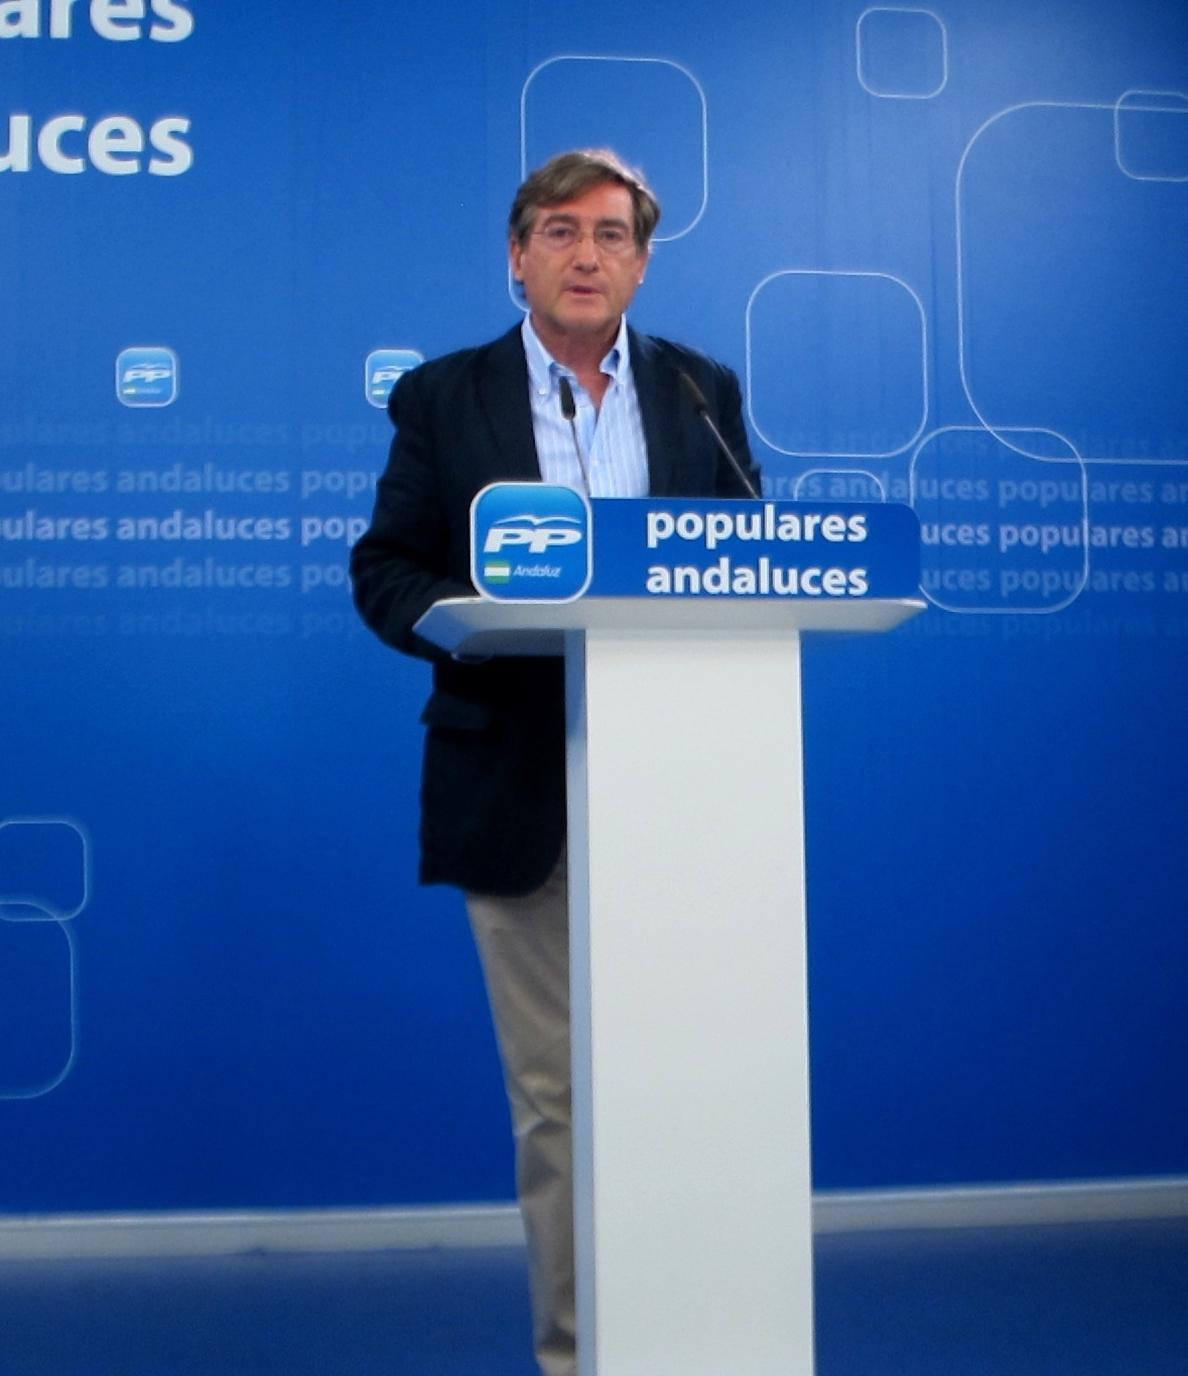 El PP andaluz reprocha a Susana Díaz su defensa de Chaves y Griñán y subraya la responsabilidad de permitir el fraude